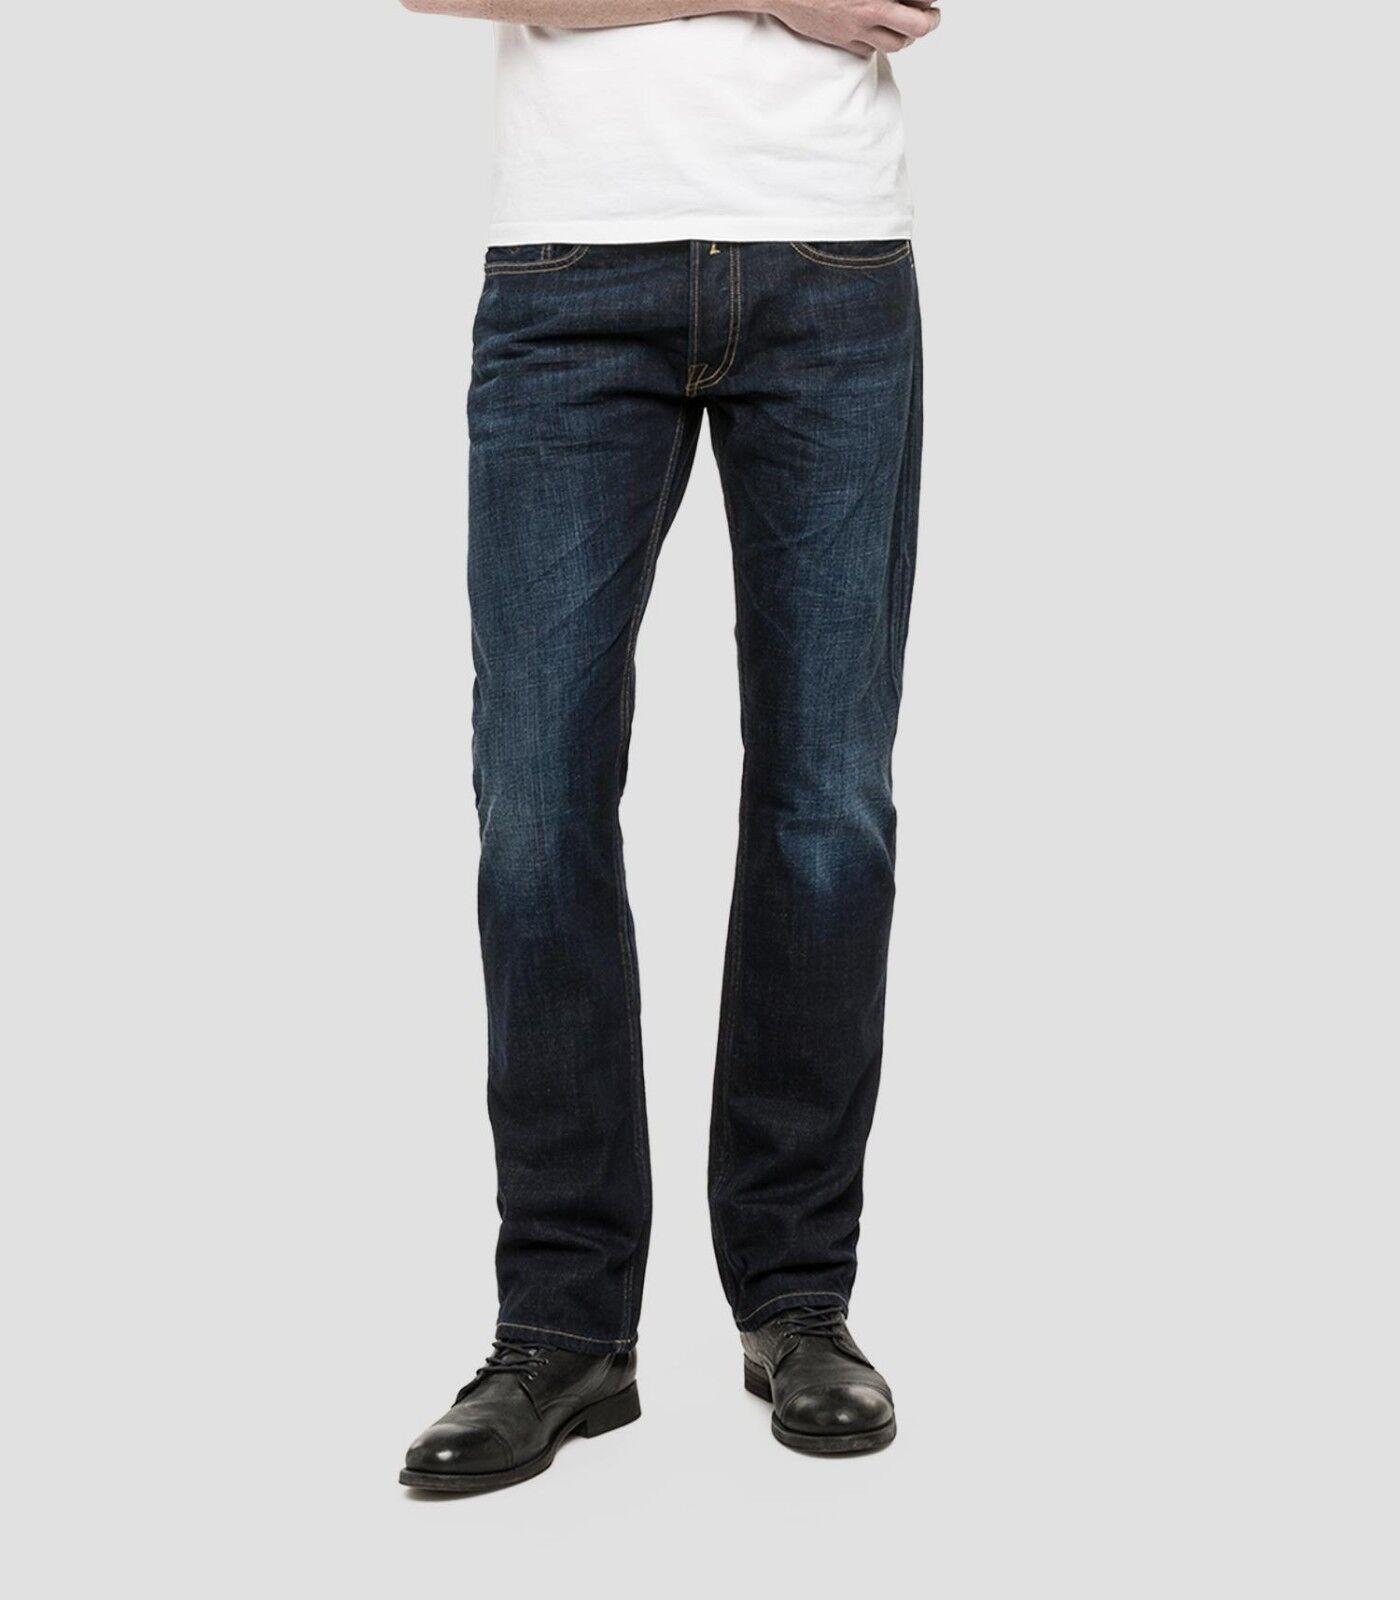 REPLAY NEWBILL Comfort Fit Fit Fit Jeans 32R TD091 BB 04 bd168e